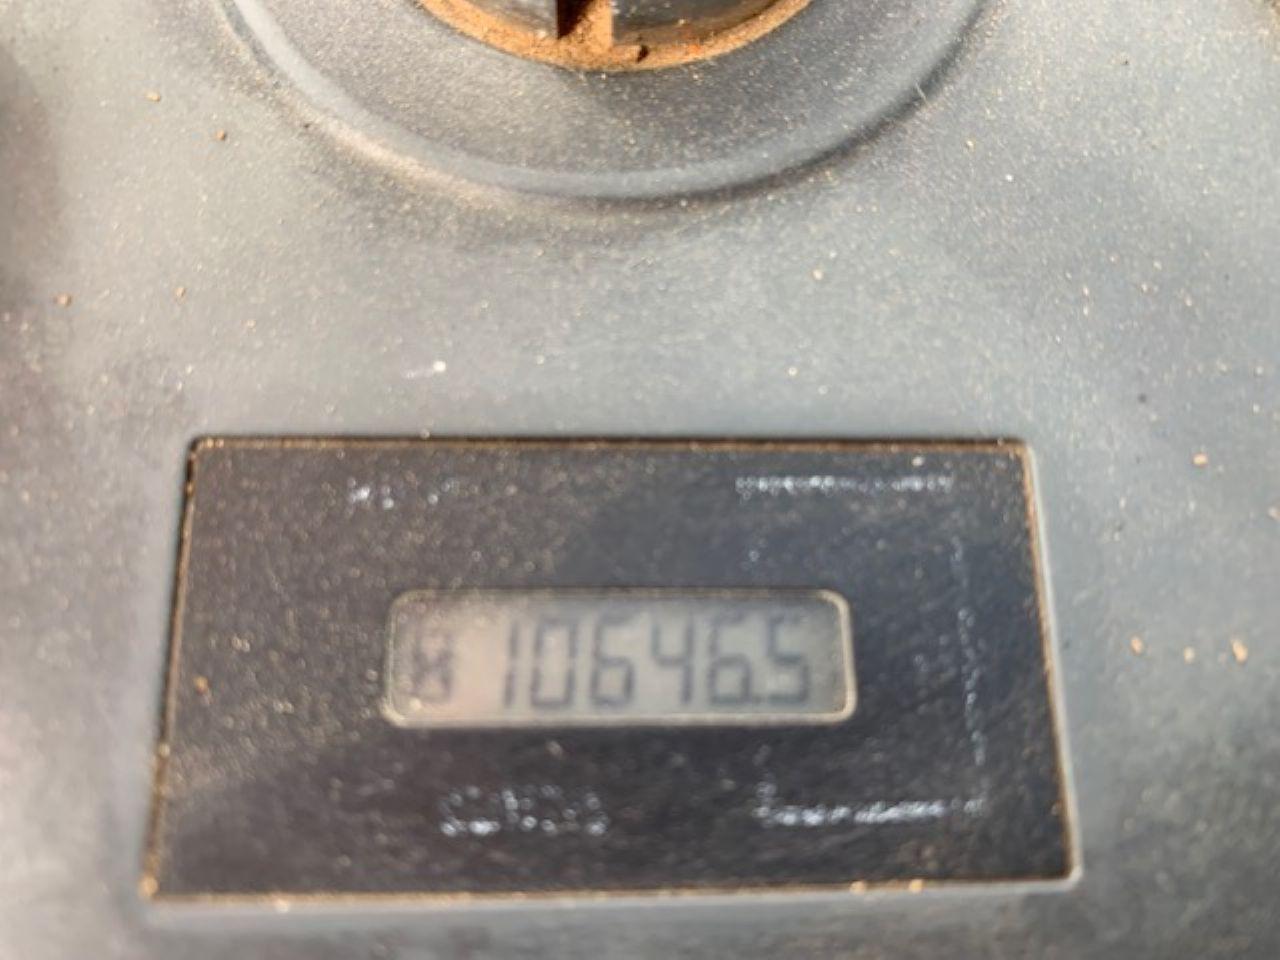 DOOSAN DX140LC EXCAVATOR - Picture 9